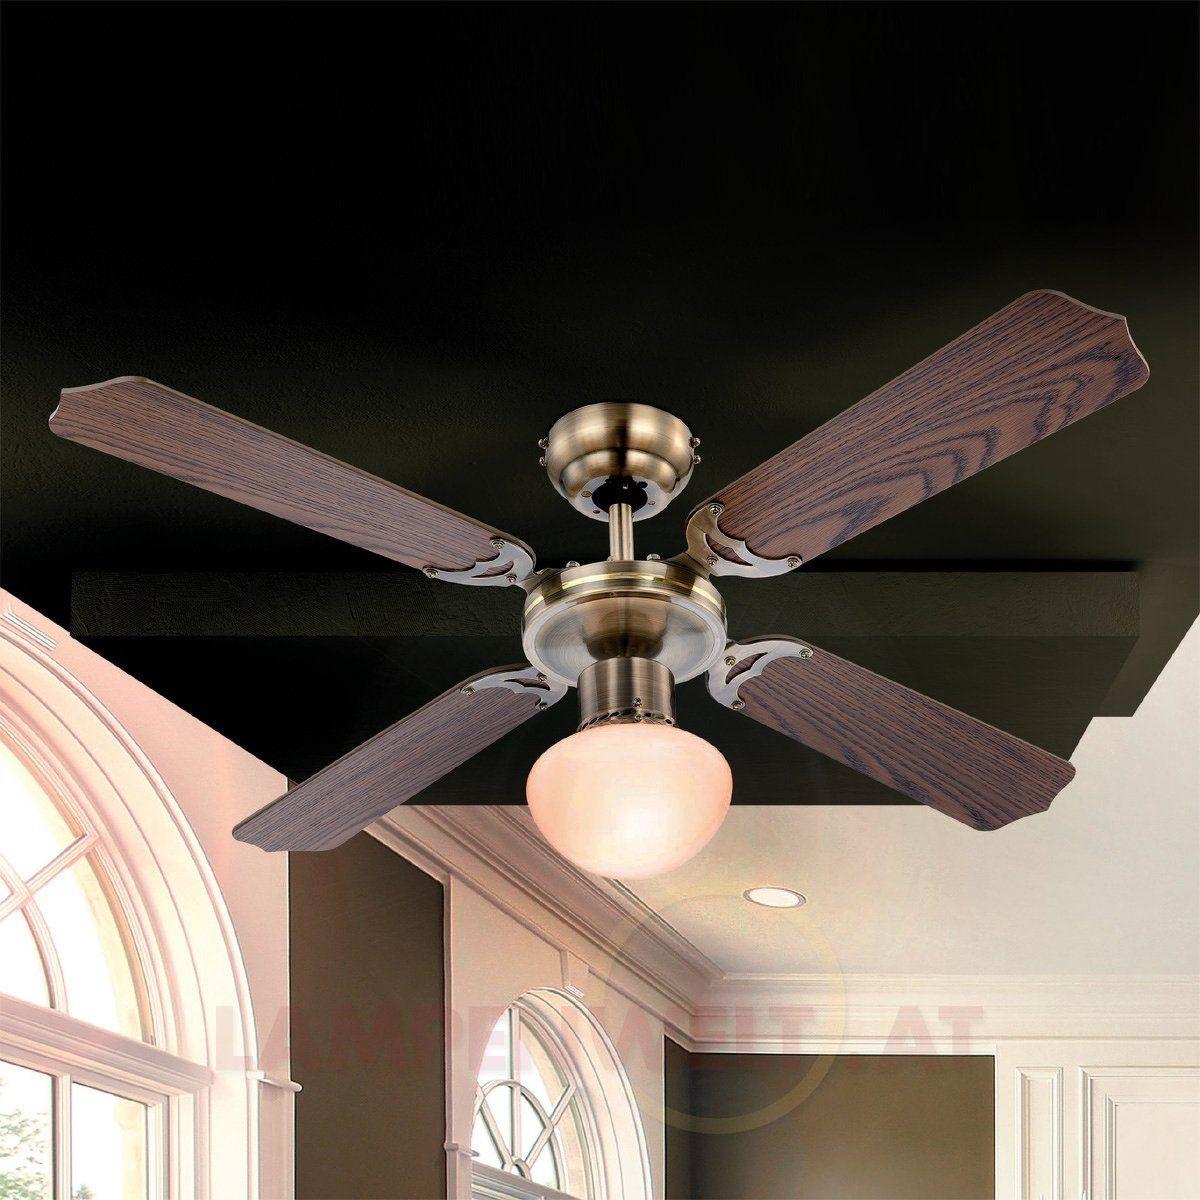 nie wieder zwischen deckenleuchte und ventilator entscheiden m ssen deckenventilatoren mit. Black Bedroom Furniture Sets. Home Design Ideas